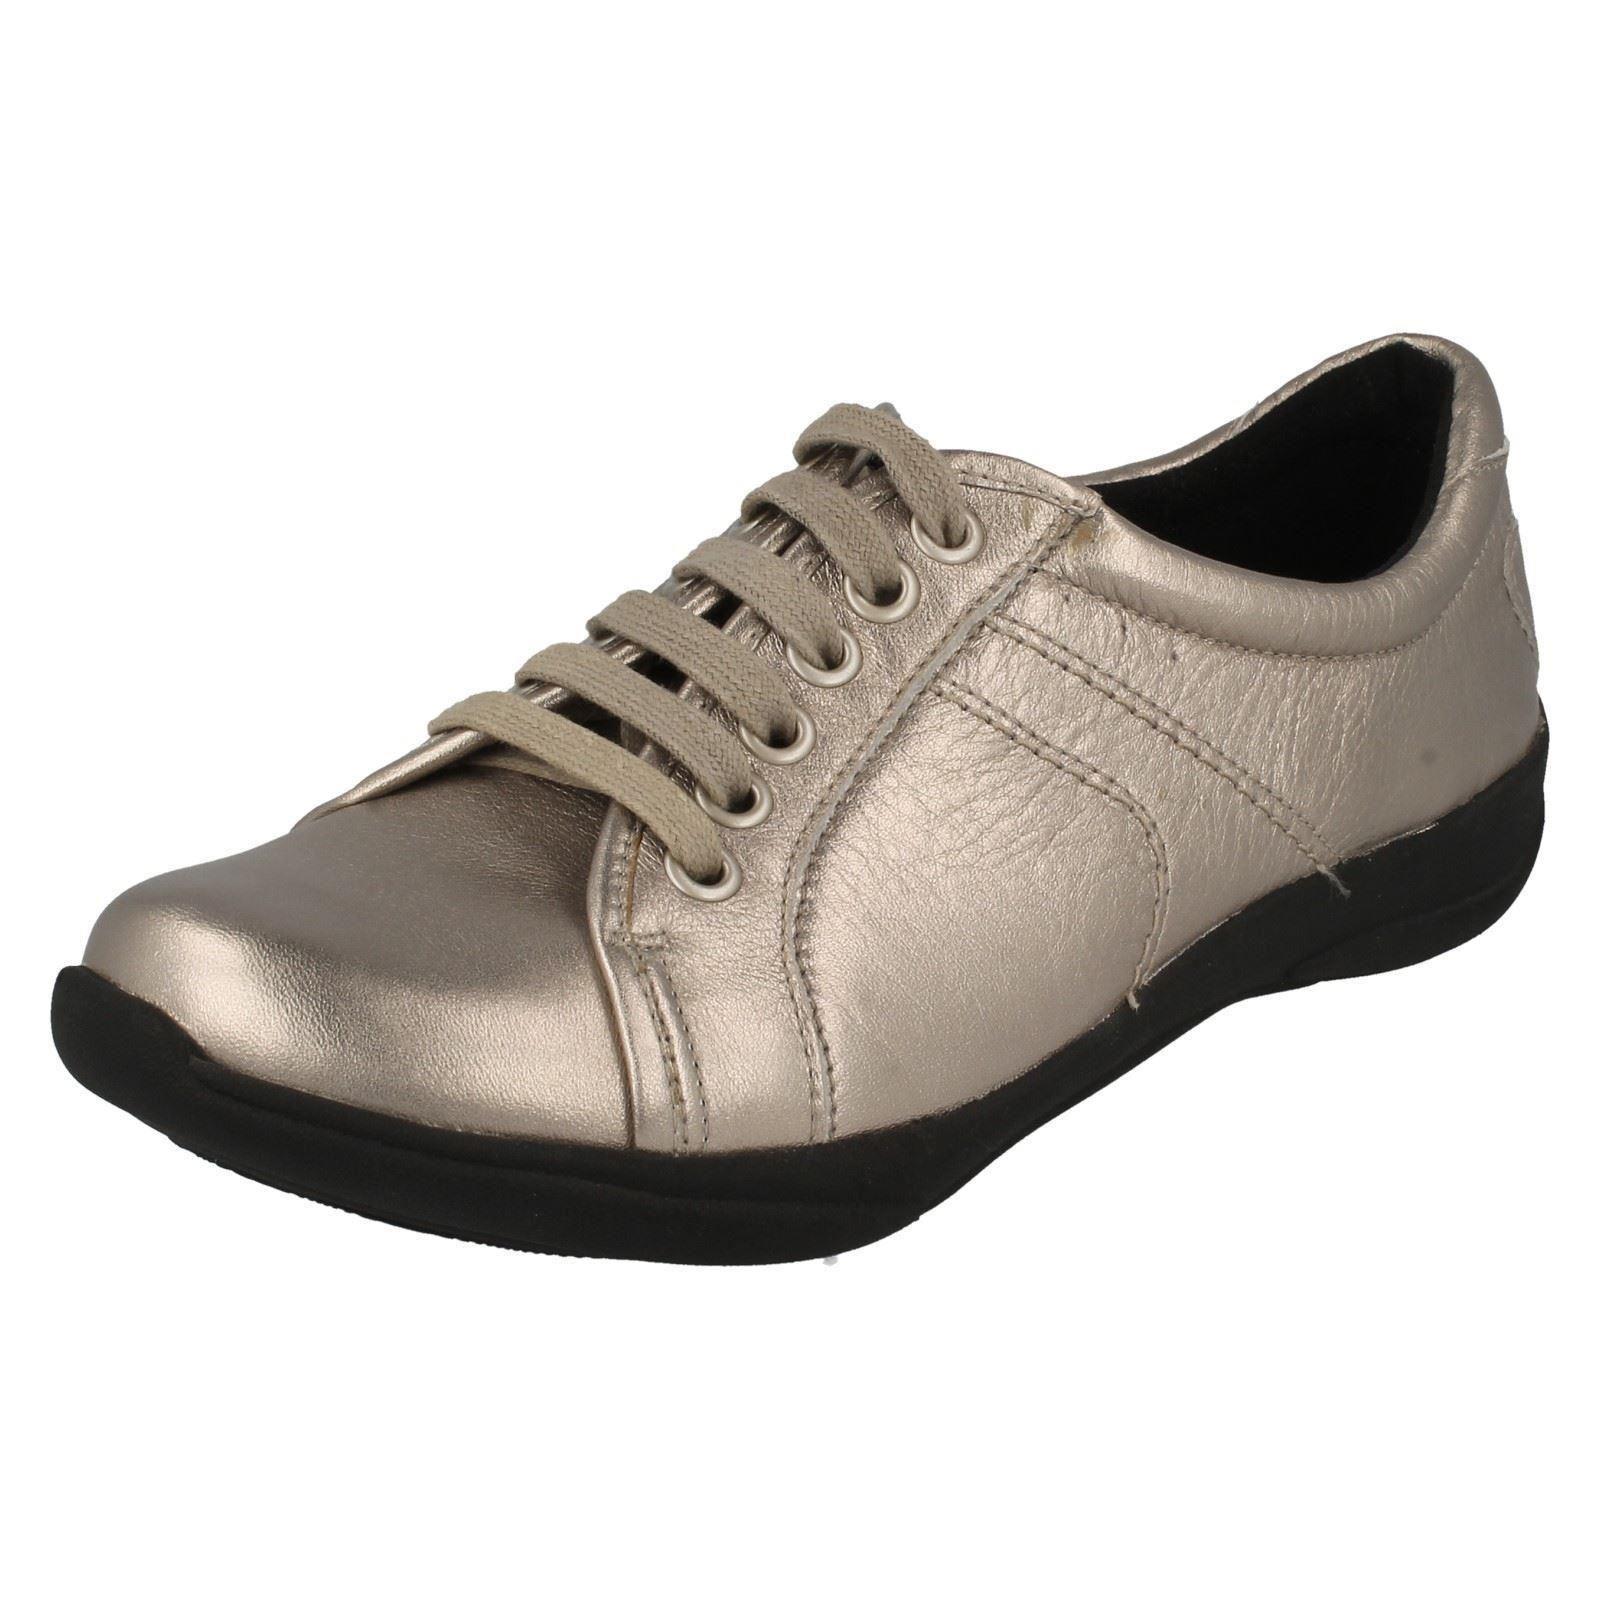 Moda barata y hermosa Descuento por tiempo limitado Mujer REBAJAS K By Clarks Etna ALMIZCLE Estaño Zapatos De Piel Con Cordones